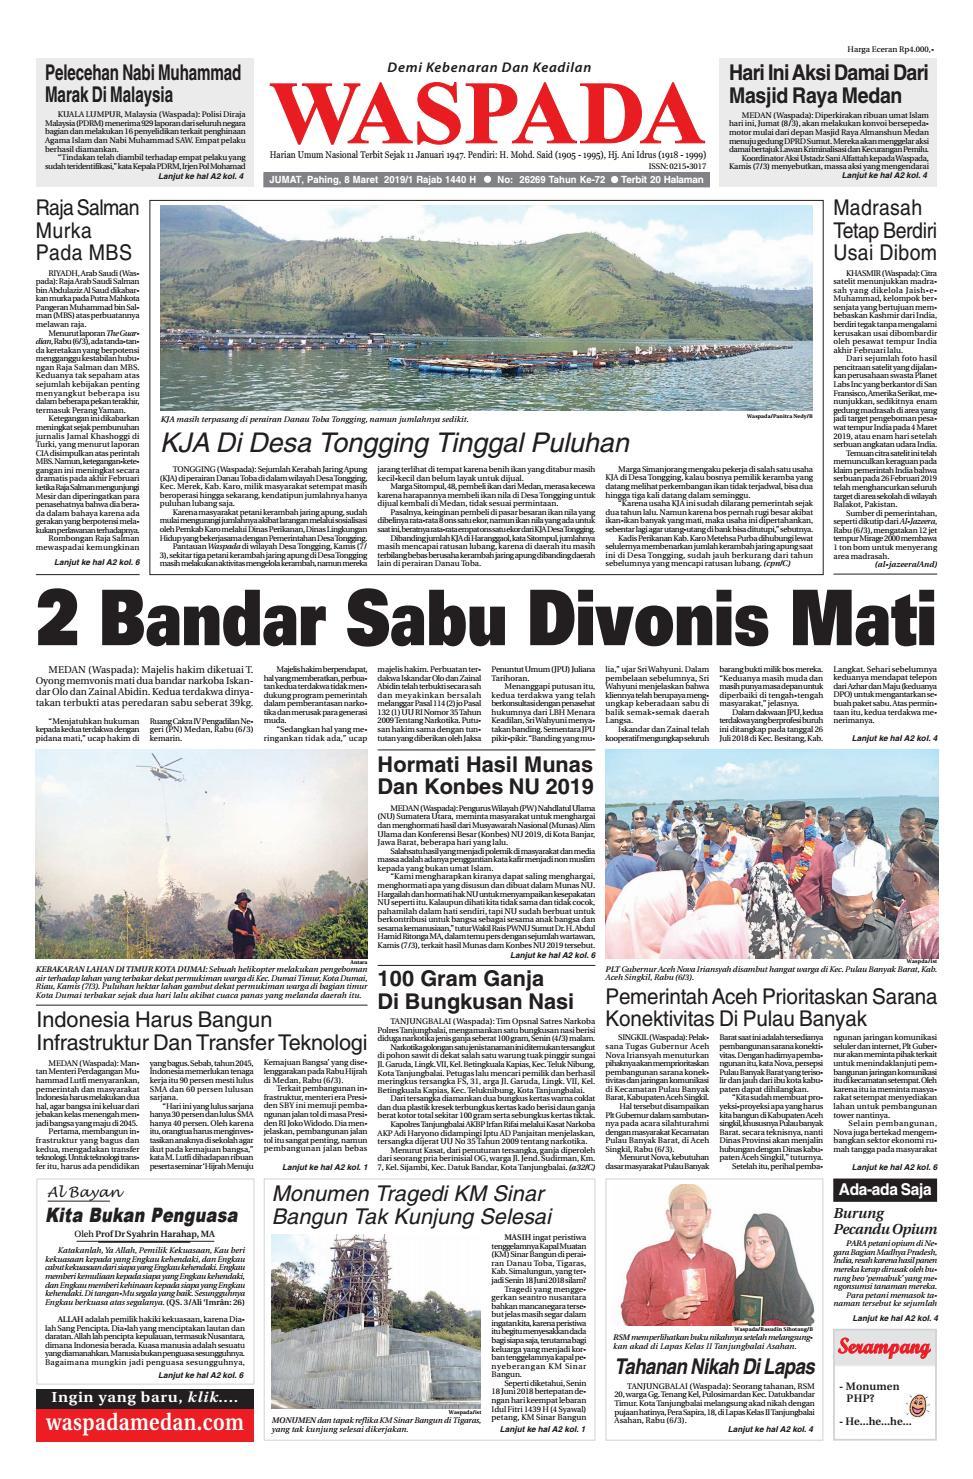 Waspada, Jumat 8 Maret 2019 by Harian Waspada - issuu